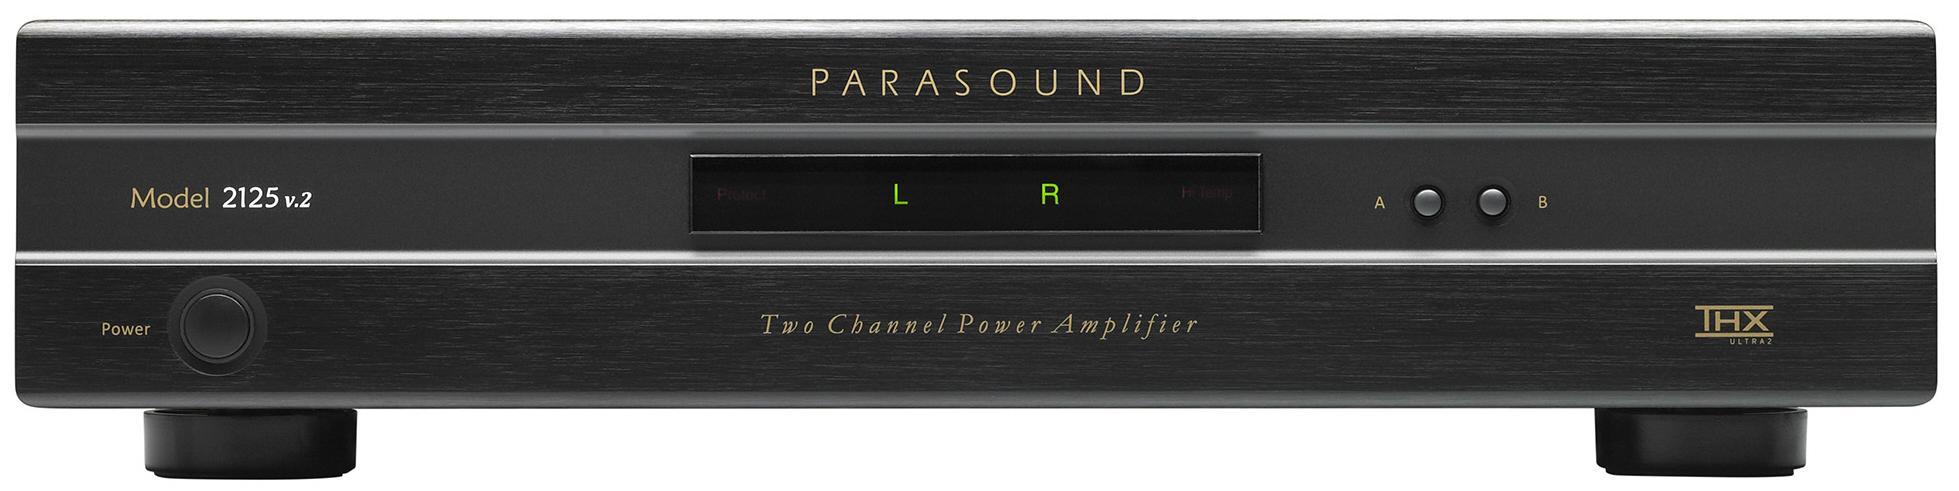 Parasound 2125 v2 - усилитель мощности (Black)